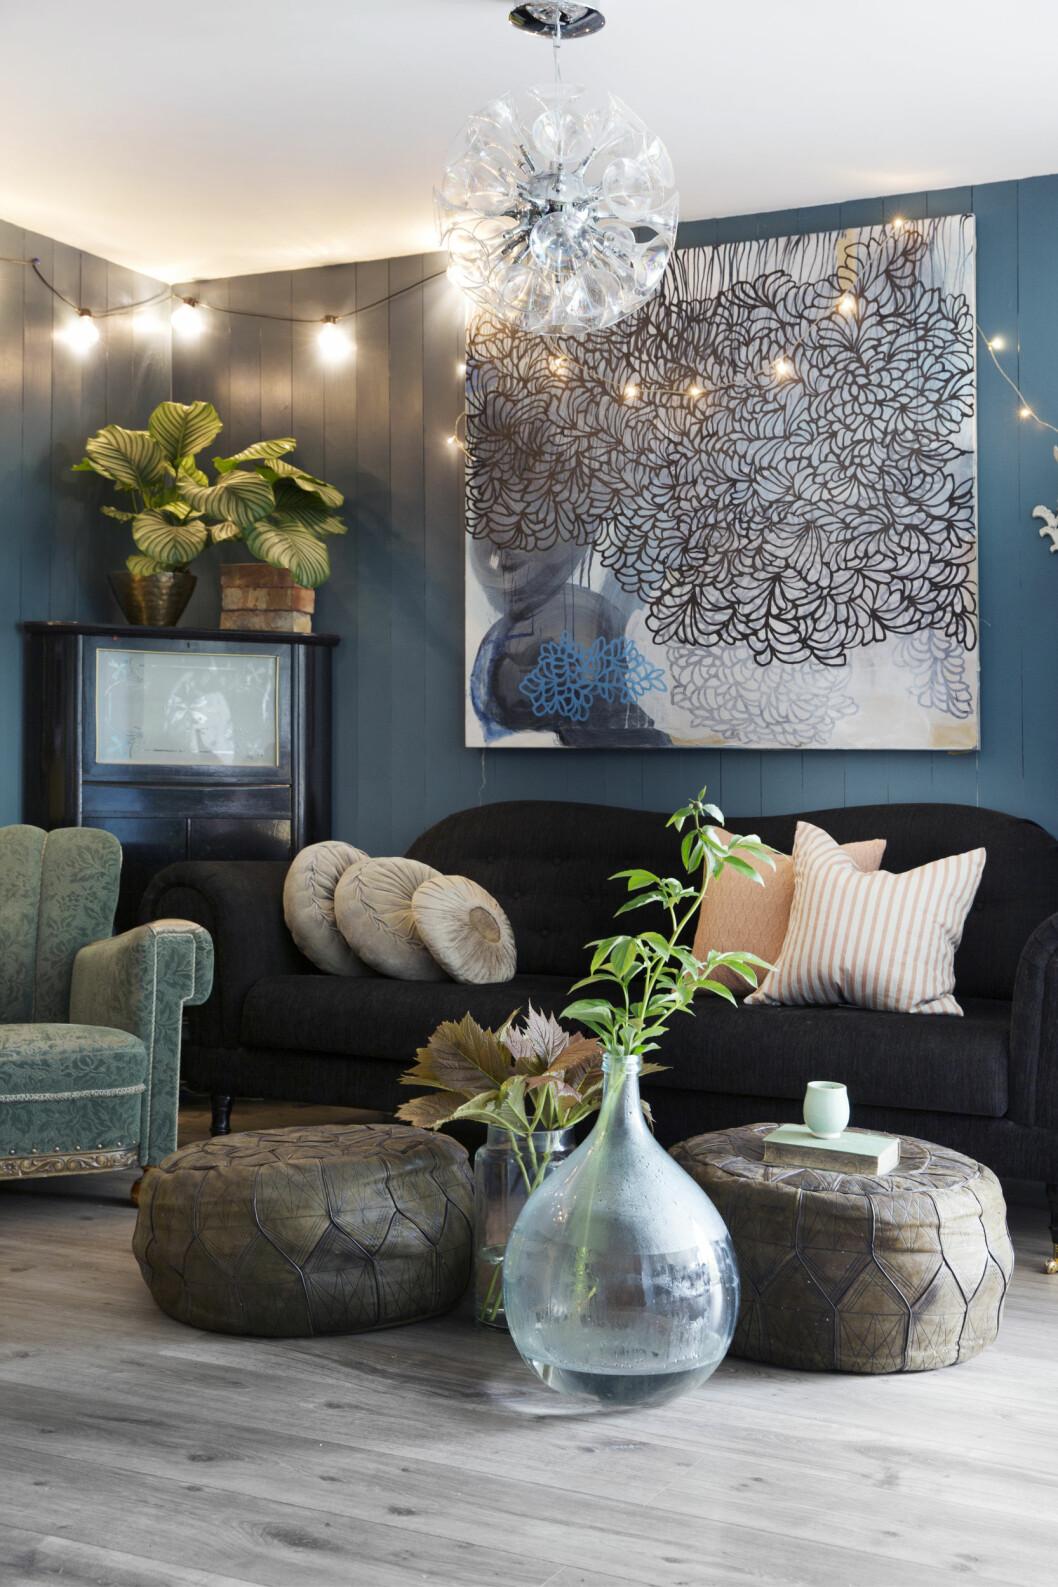 Sofaen er ny, men barokkinspirert. Maleriet over sofaen er av Renata Wyss. — Det blir jeg aldri lei av, jeg kjøpte det for åtte-ni år siden og det er nytt for meg hver gang jeg ser på det. Det er noe av det som er så deilig med kunst.  Foto: Yvonne Wilhelmsen